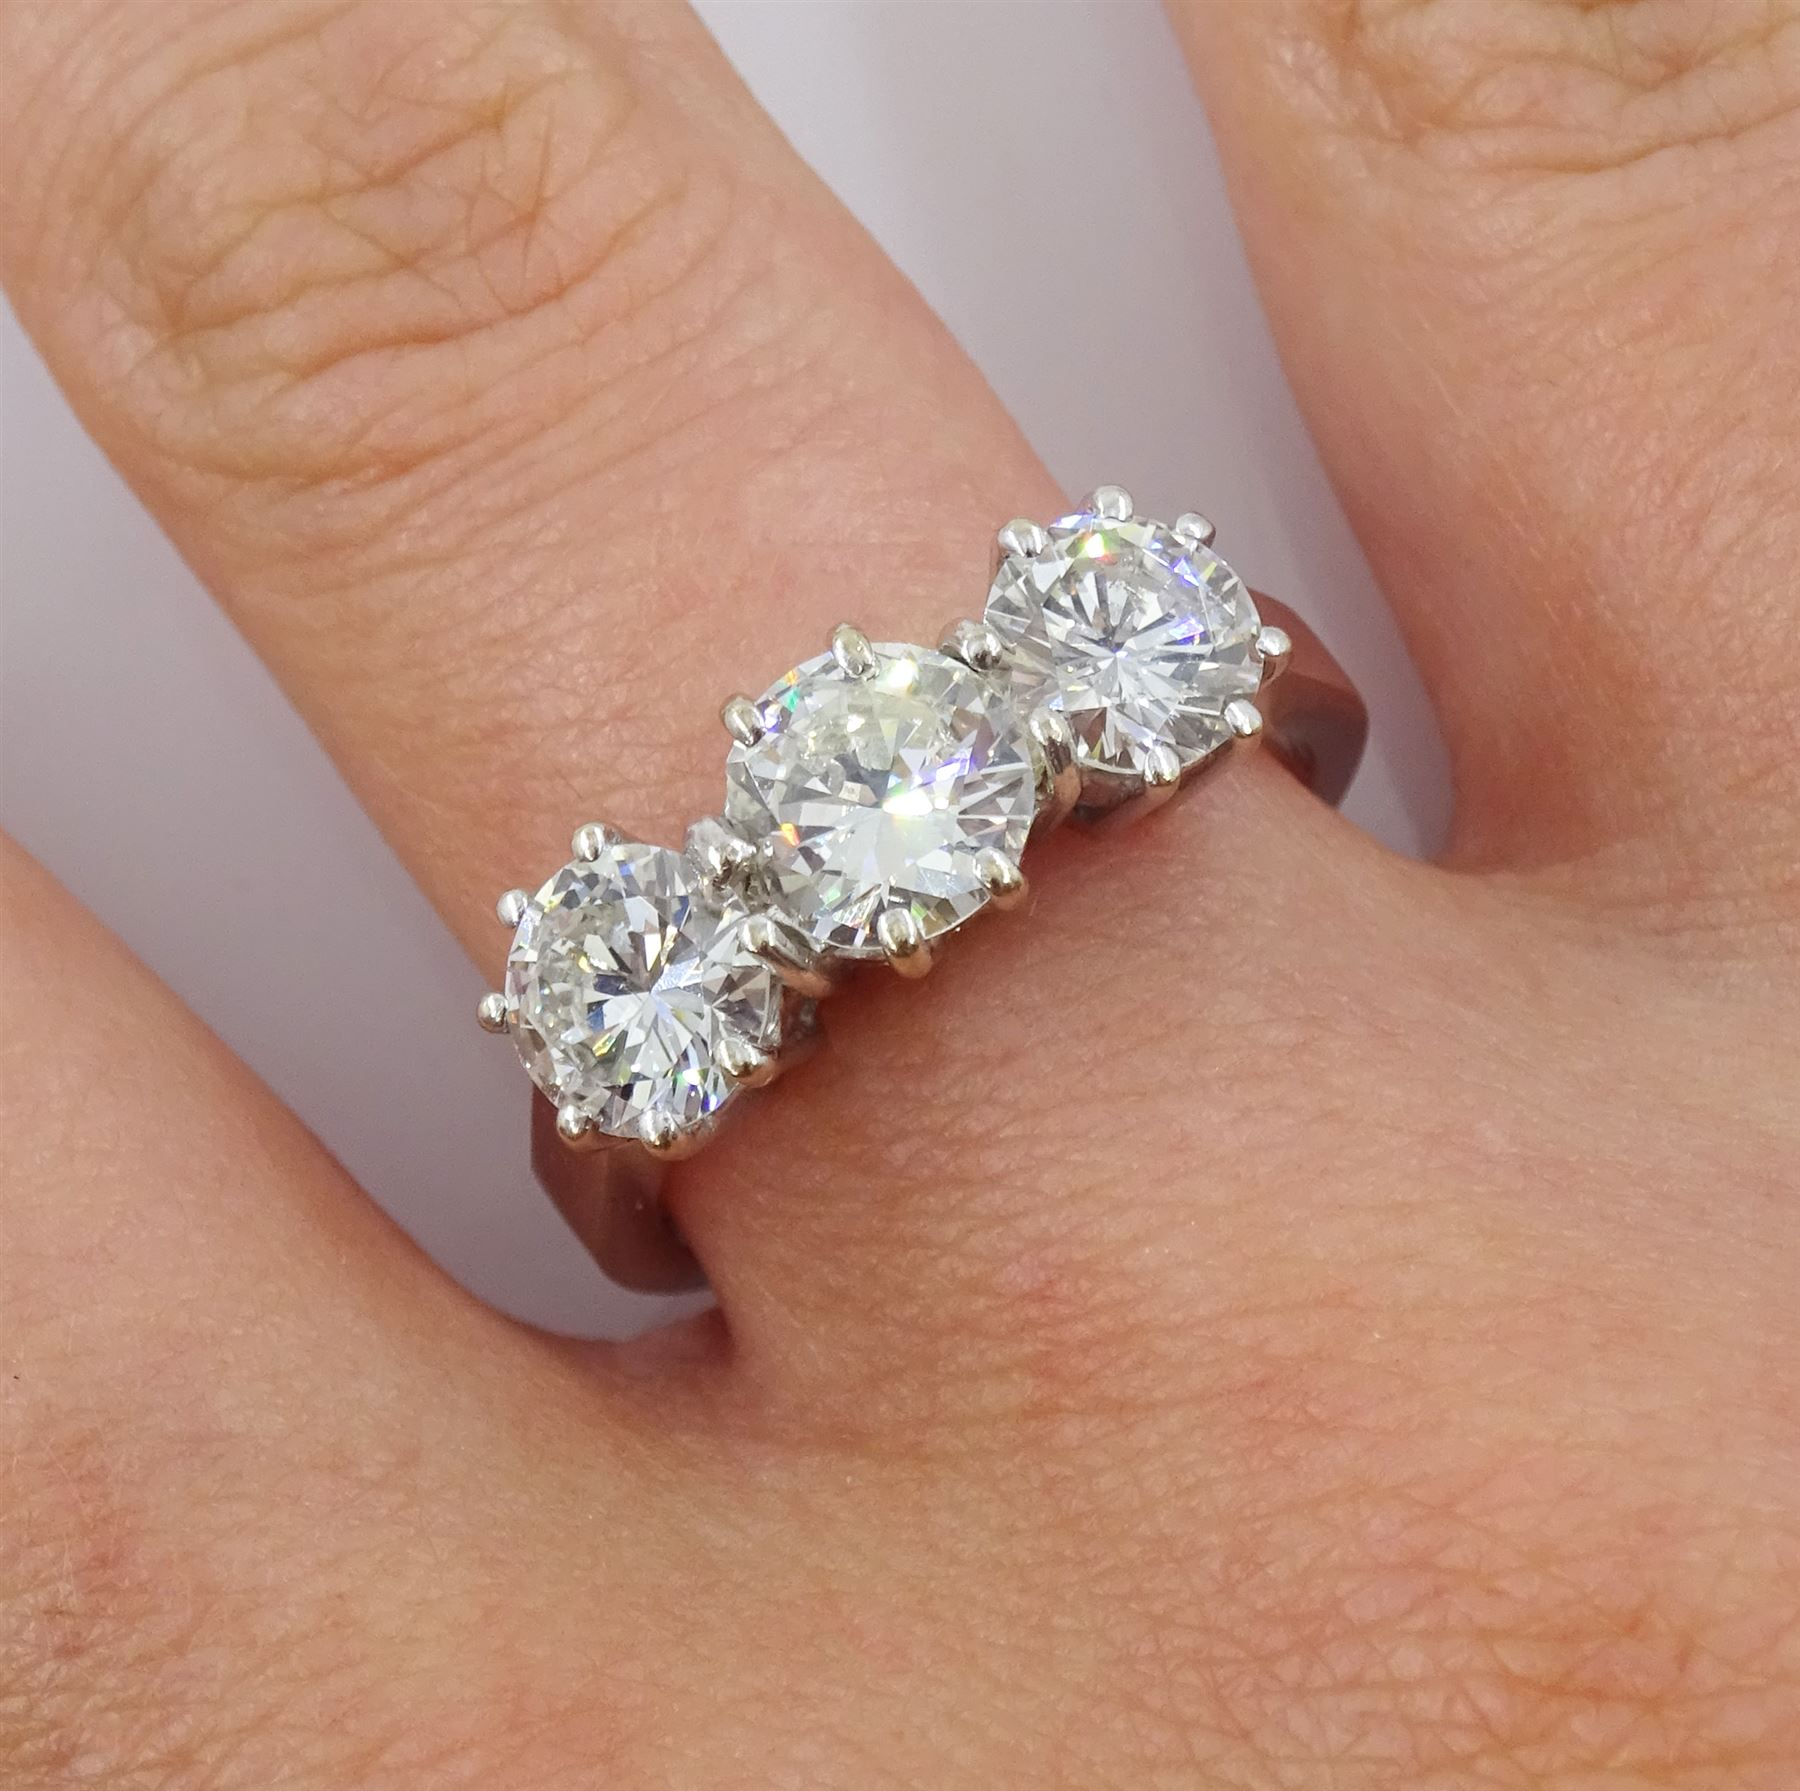 18ct white gold three stone diamond ring - Image 3 of 5